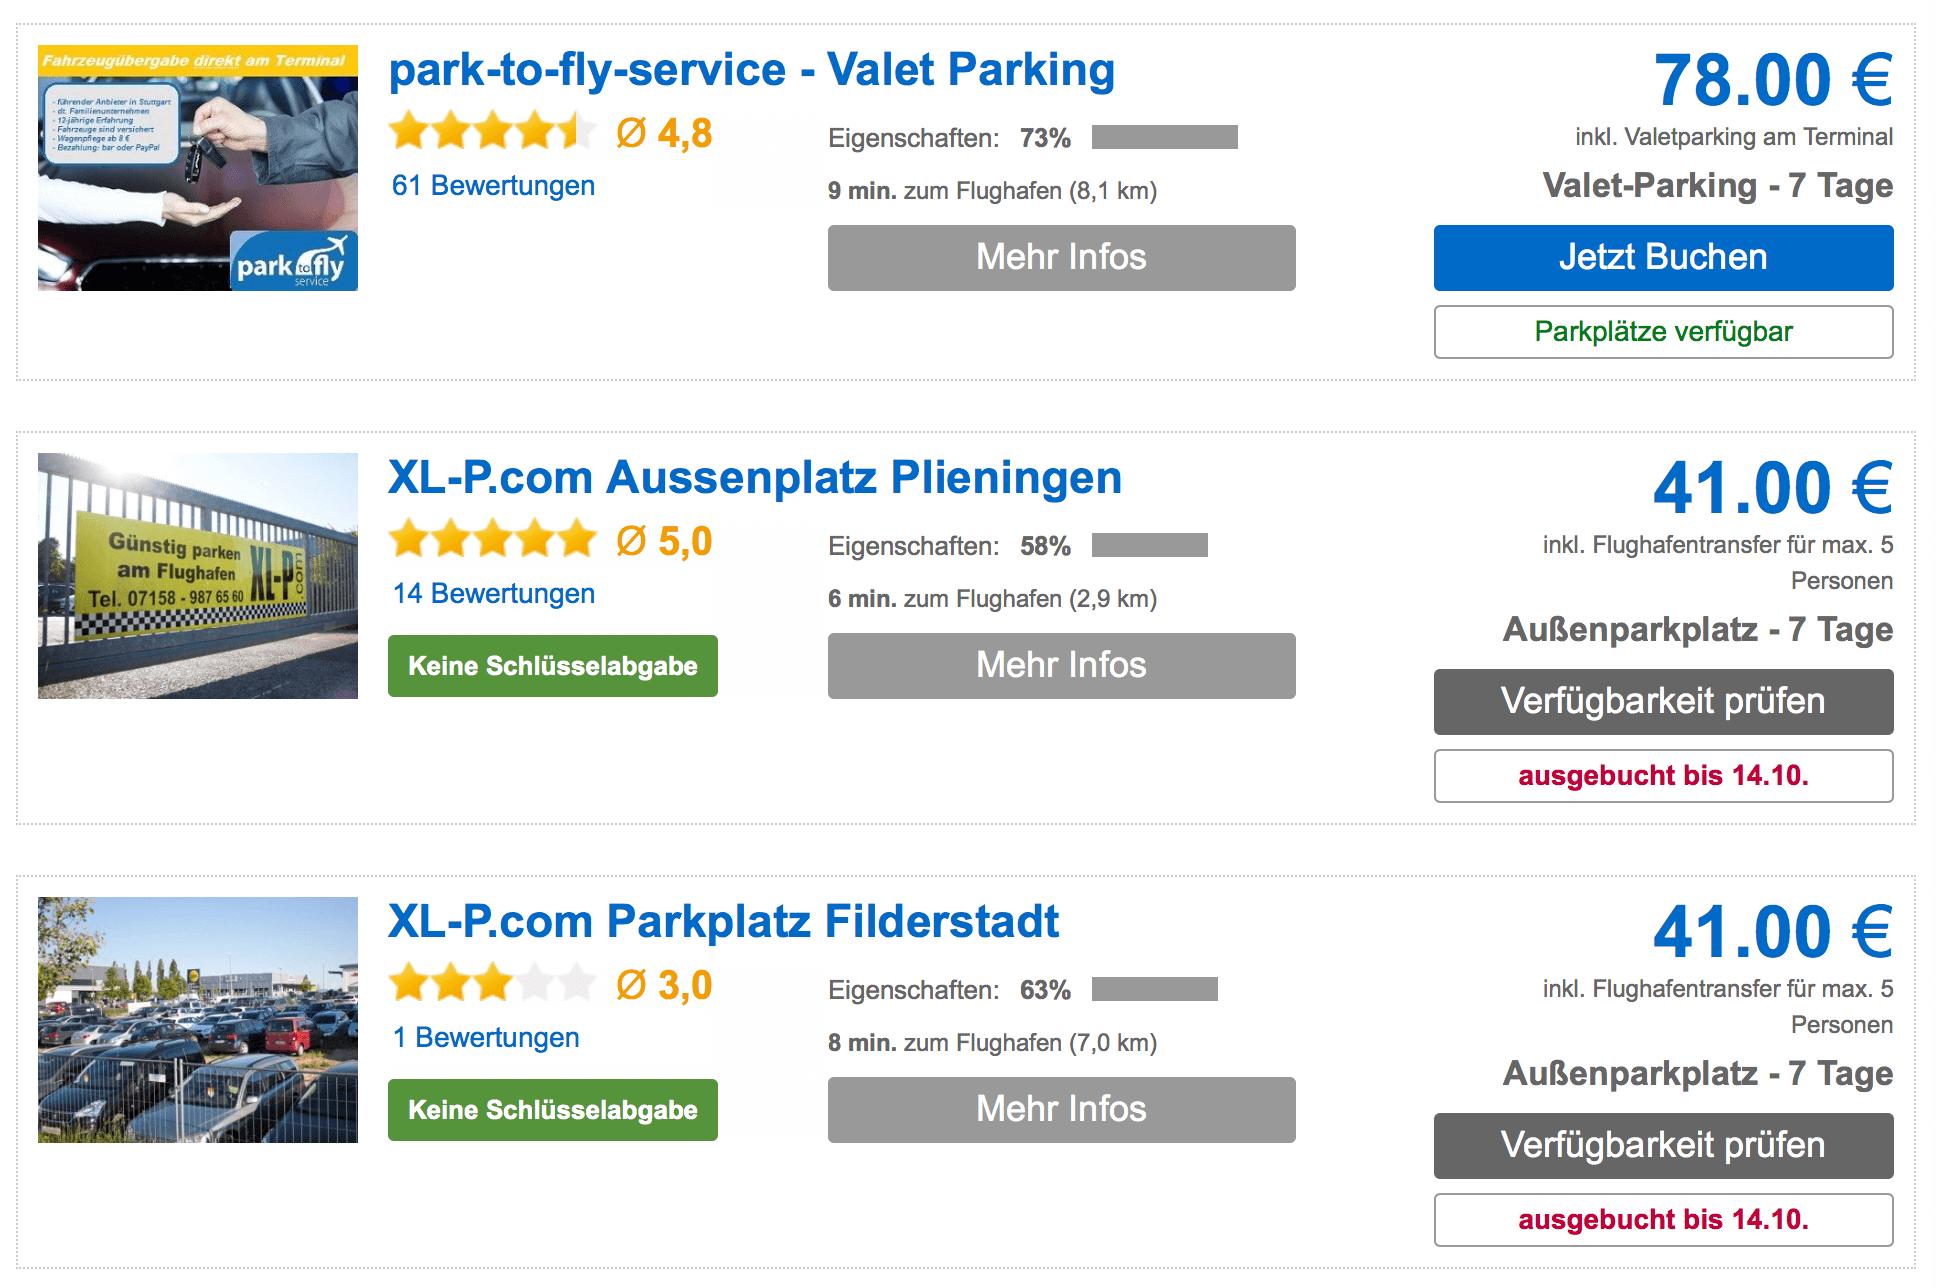 Parkhausvergleich Flughafen Stuttgart